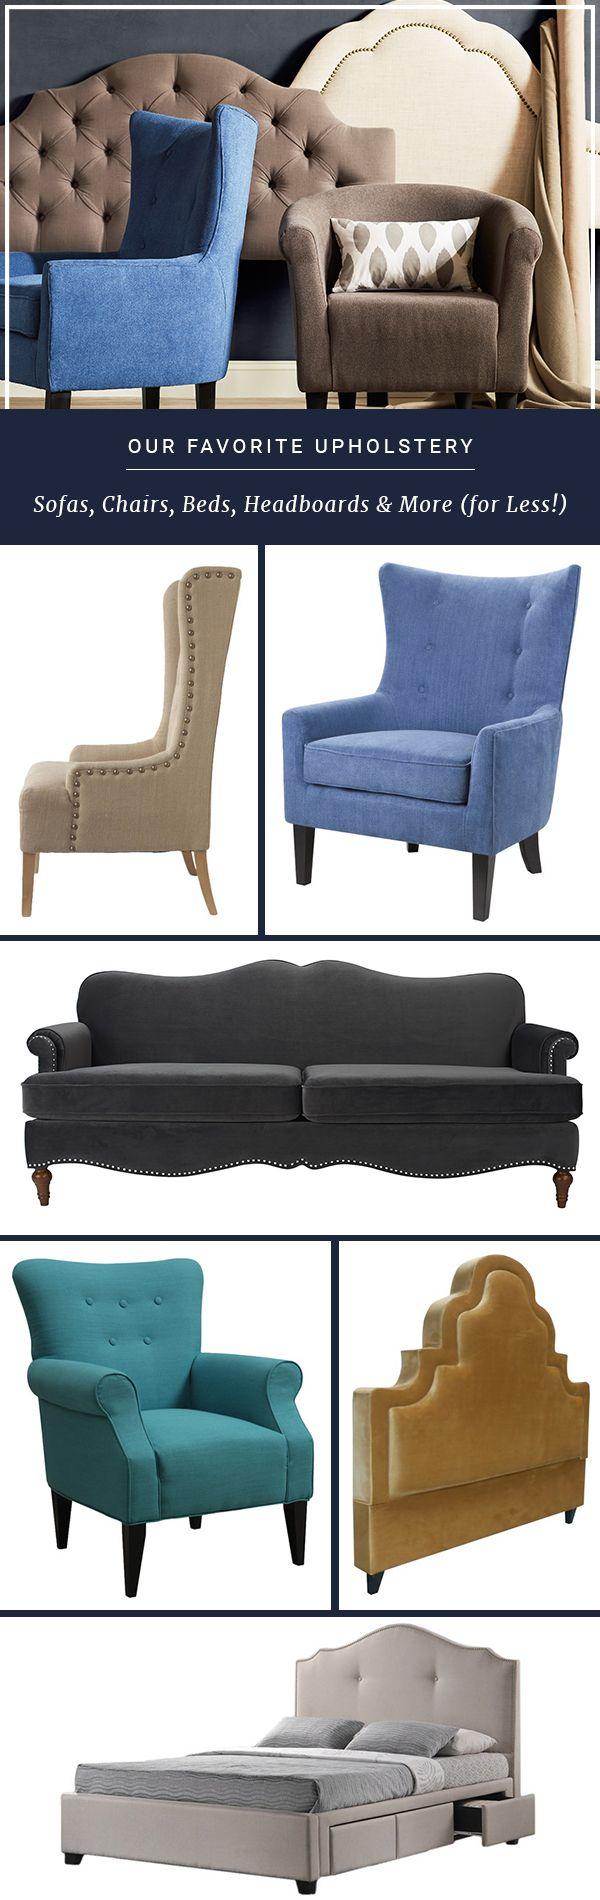 M s de 25 ideas incre bles sobre joss main en pinterest for Furniture deals near me